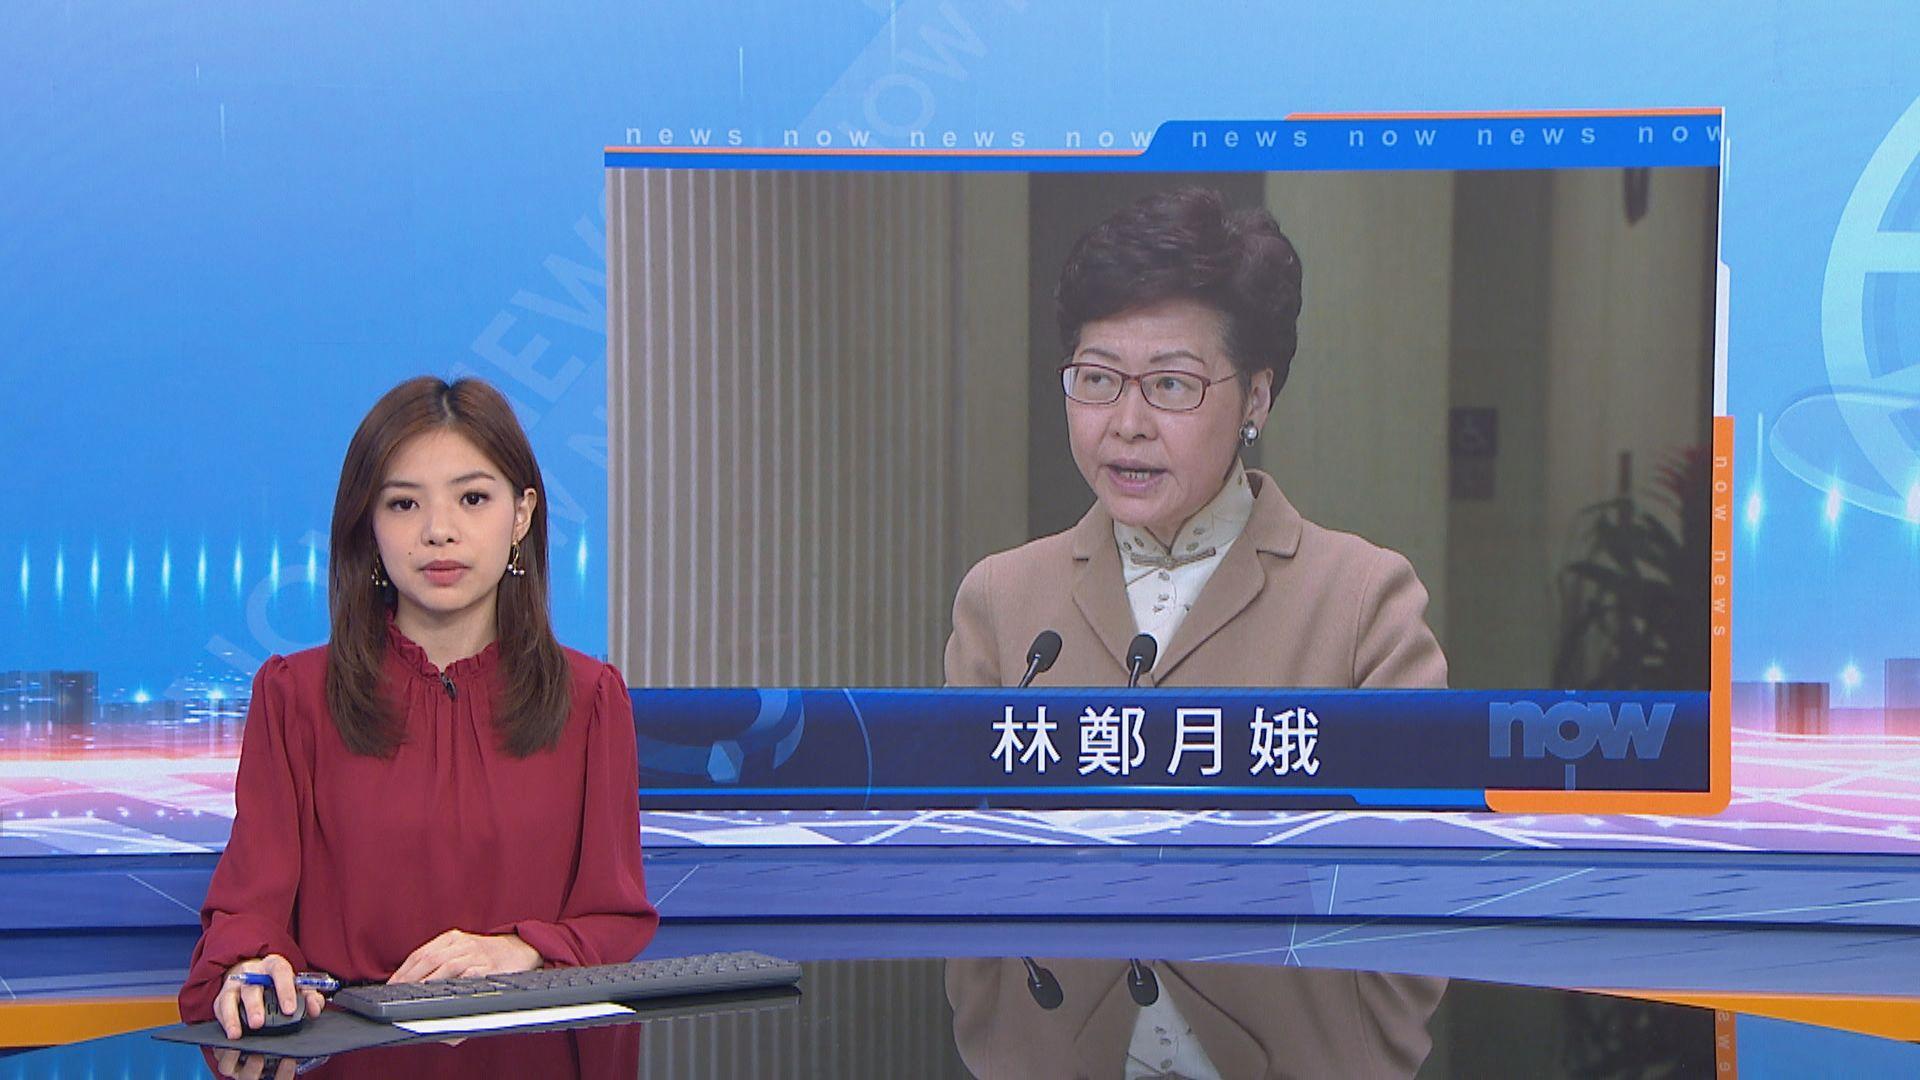 林鄭:不評論王志民免職揣測 將與駱惠寧緊密合作